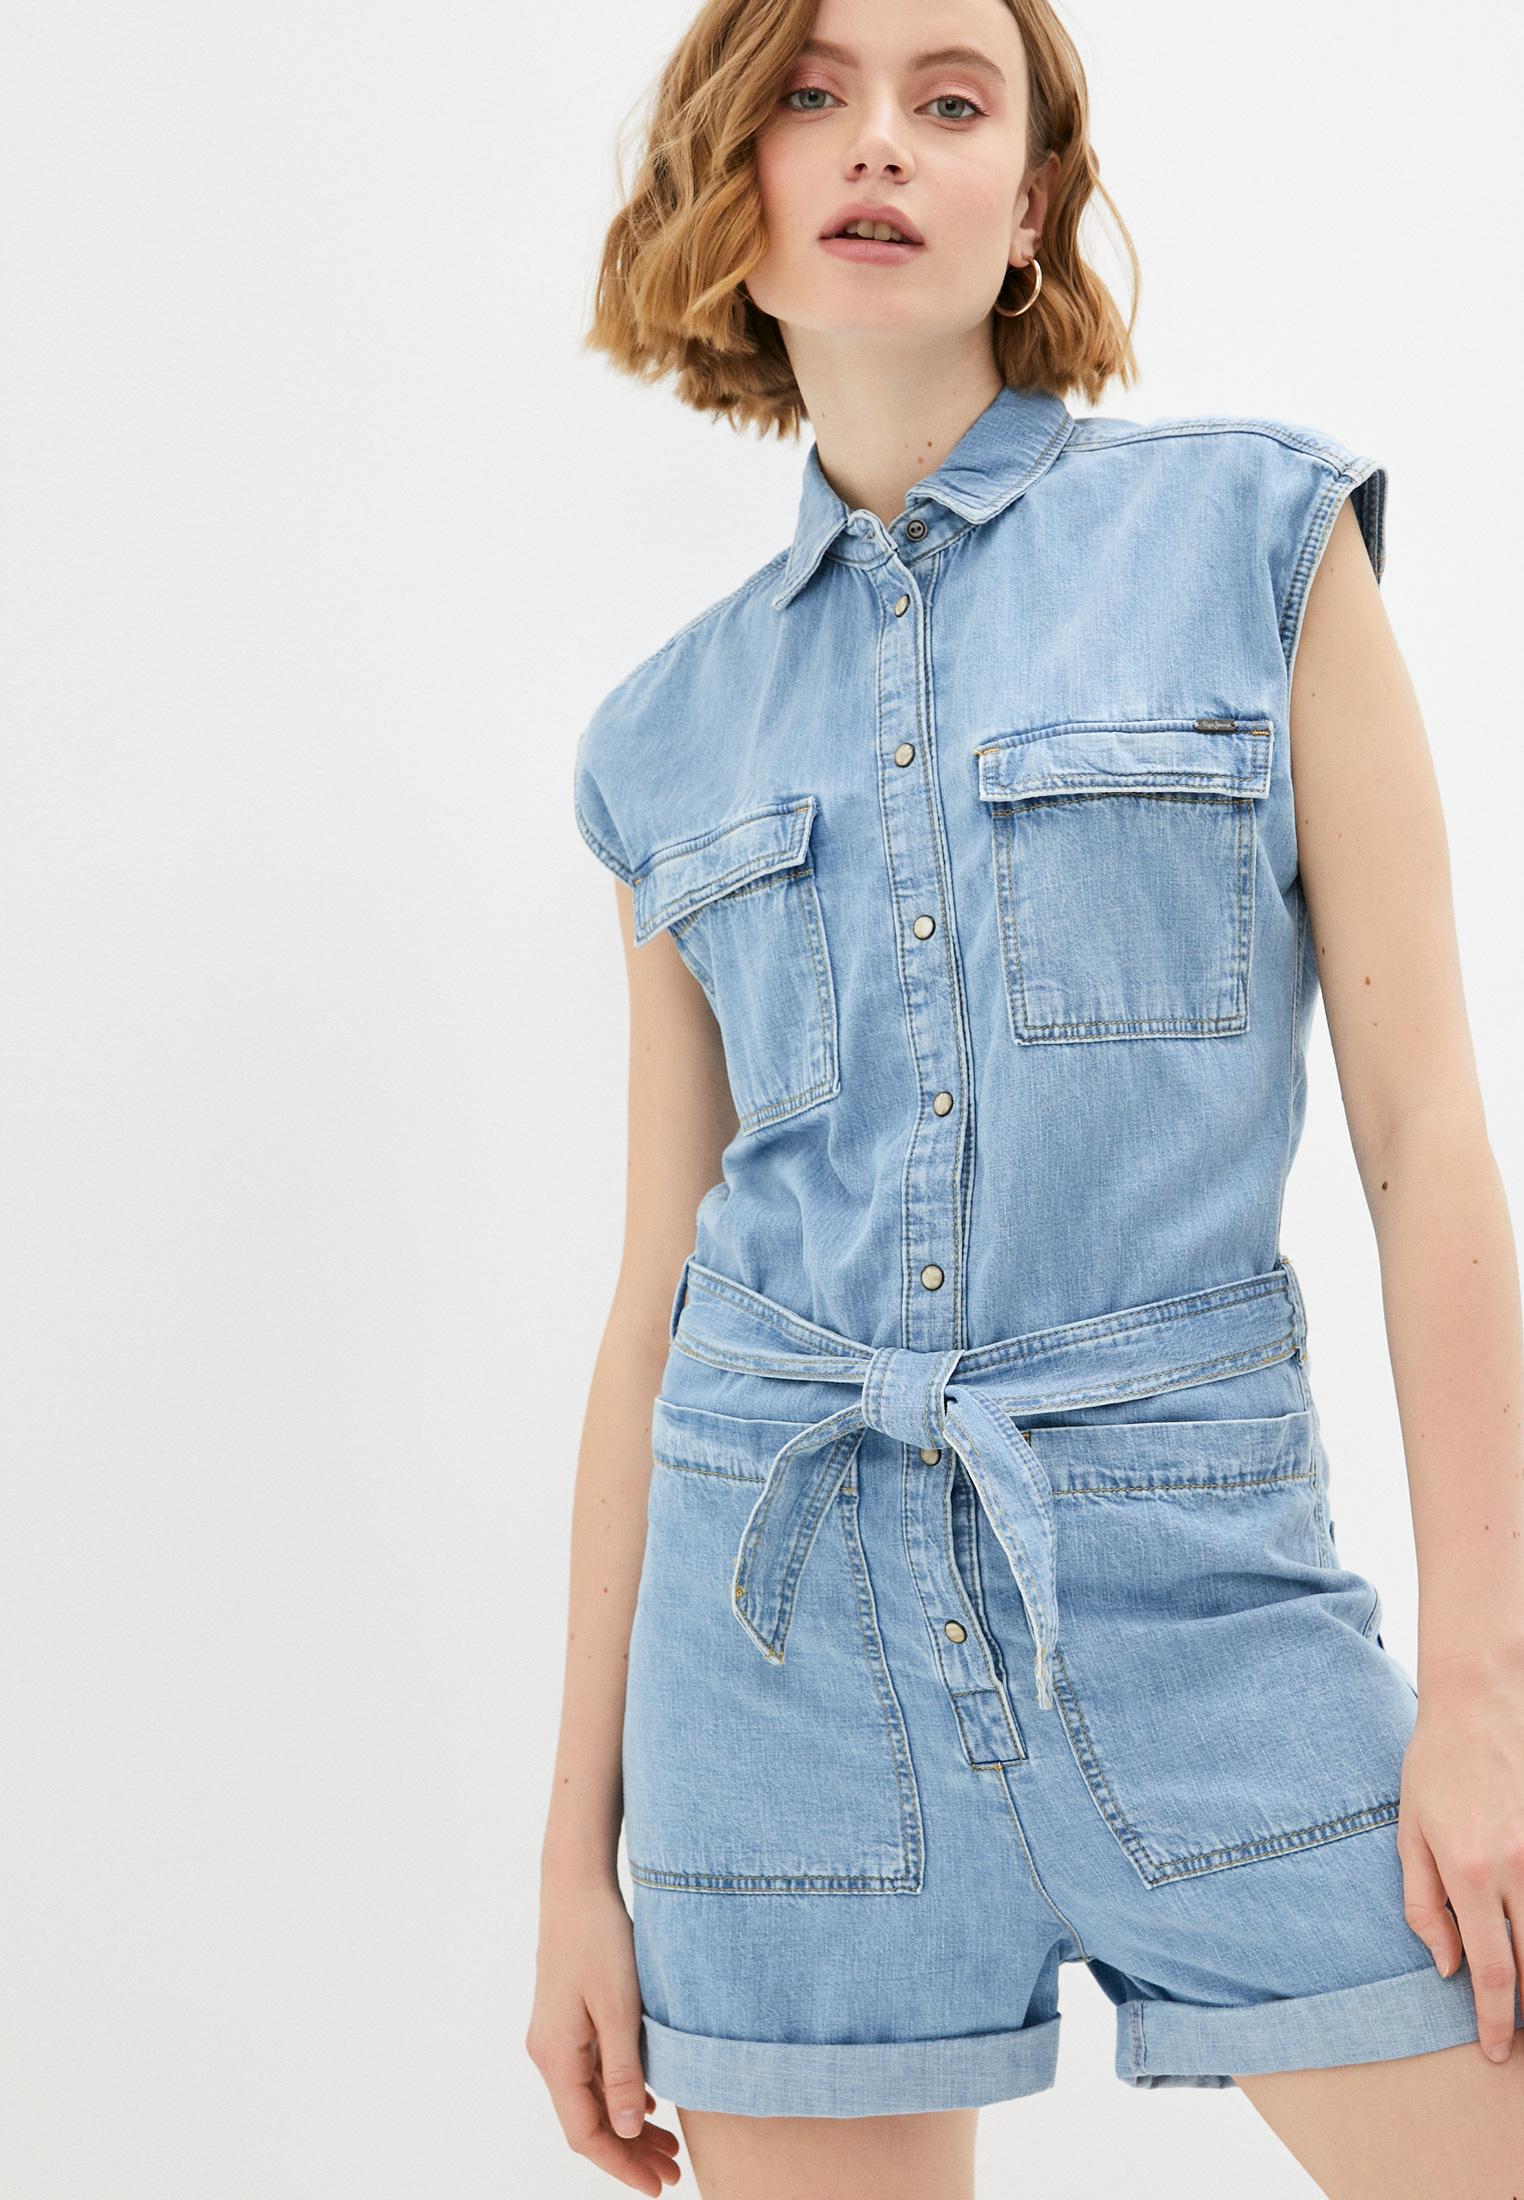 Комбинезон Pepe Jeans (Пепе Джинс) Комбинезон джинсовый Pepe Jeans